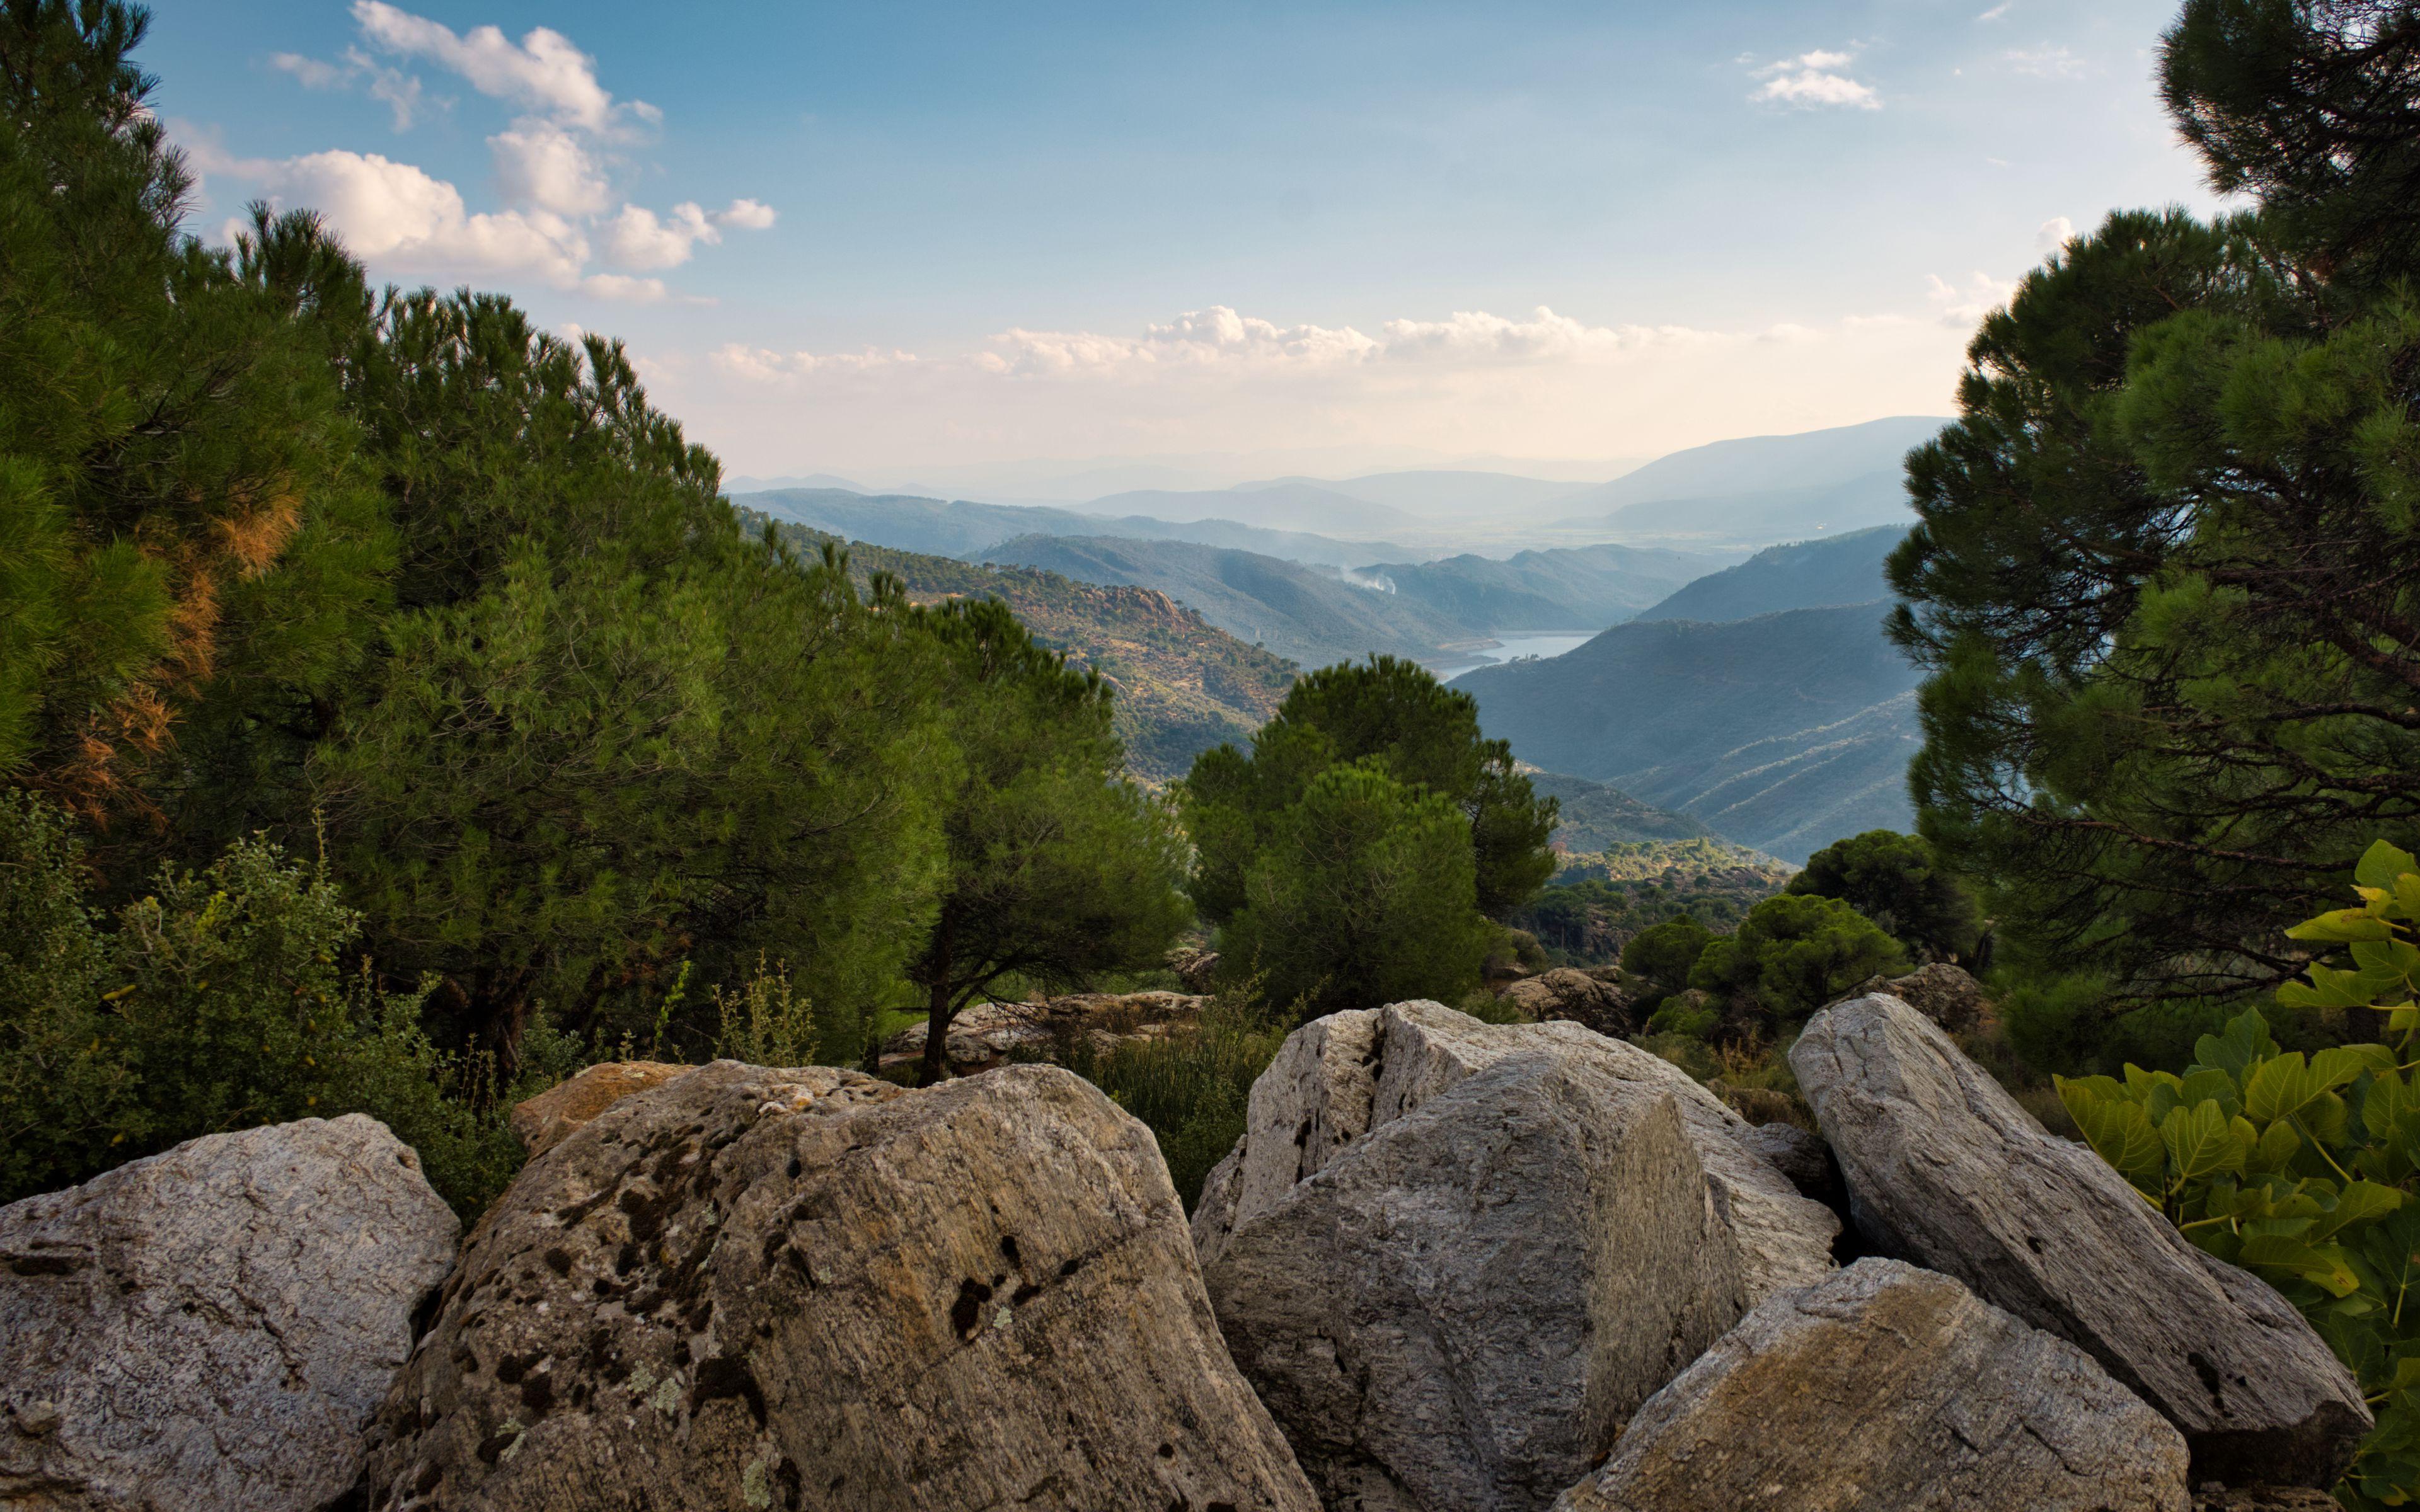 Fondos de pantalla Vista desde una montaña en el bosque